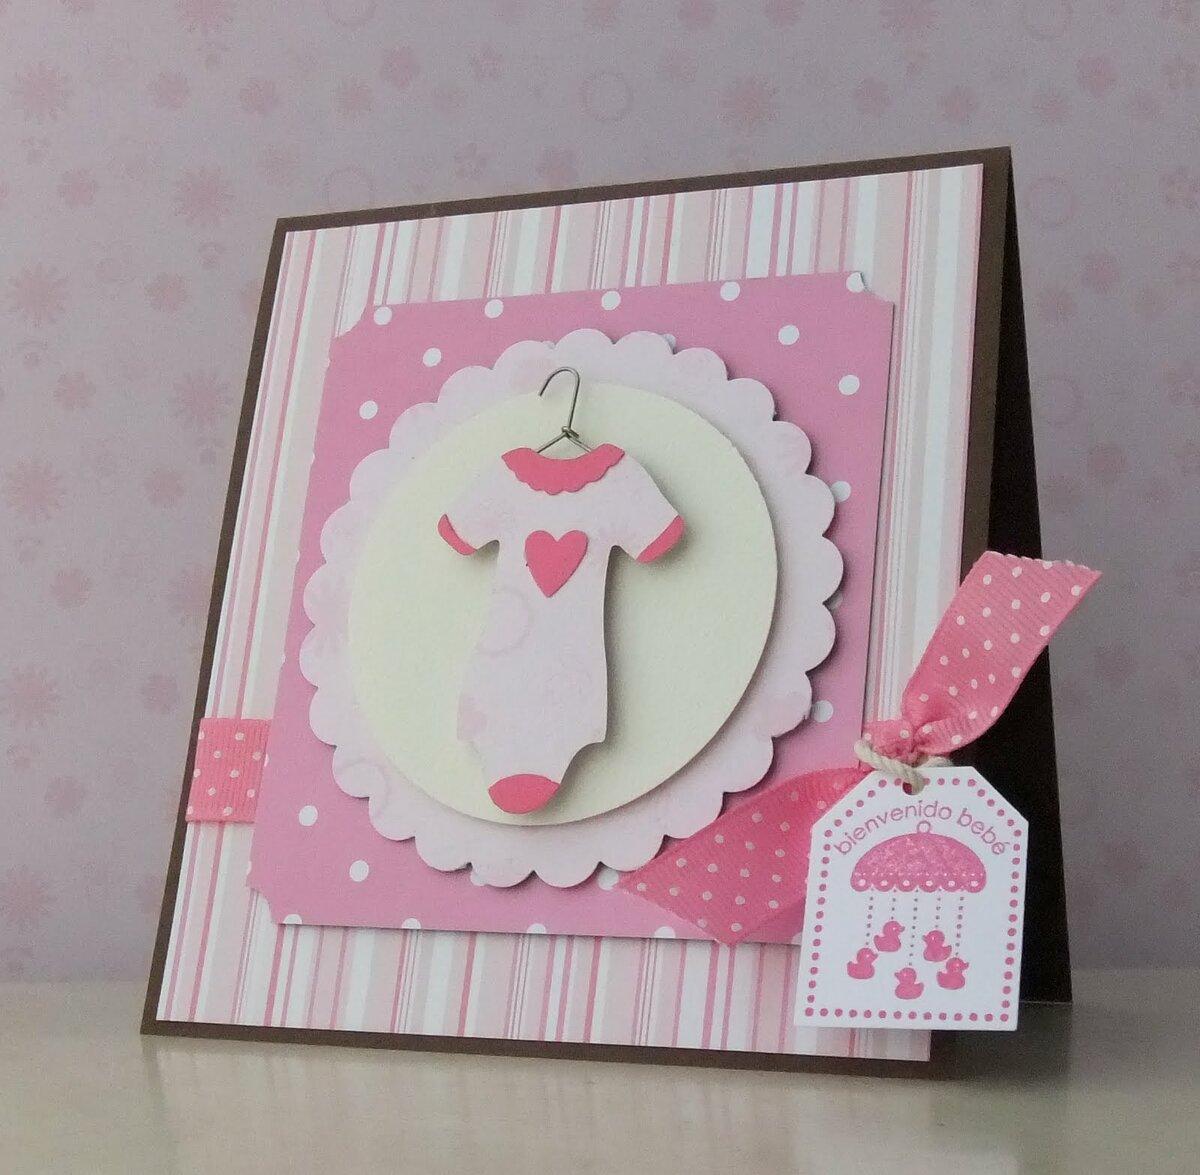 Открытки для новорожденных для девочки, добрый день четверга